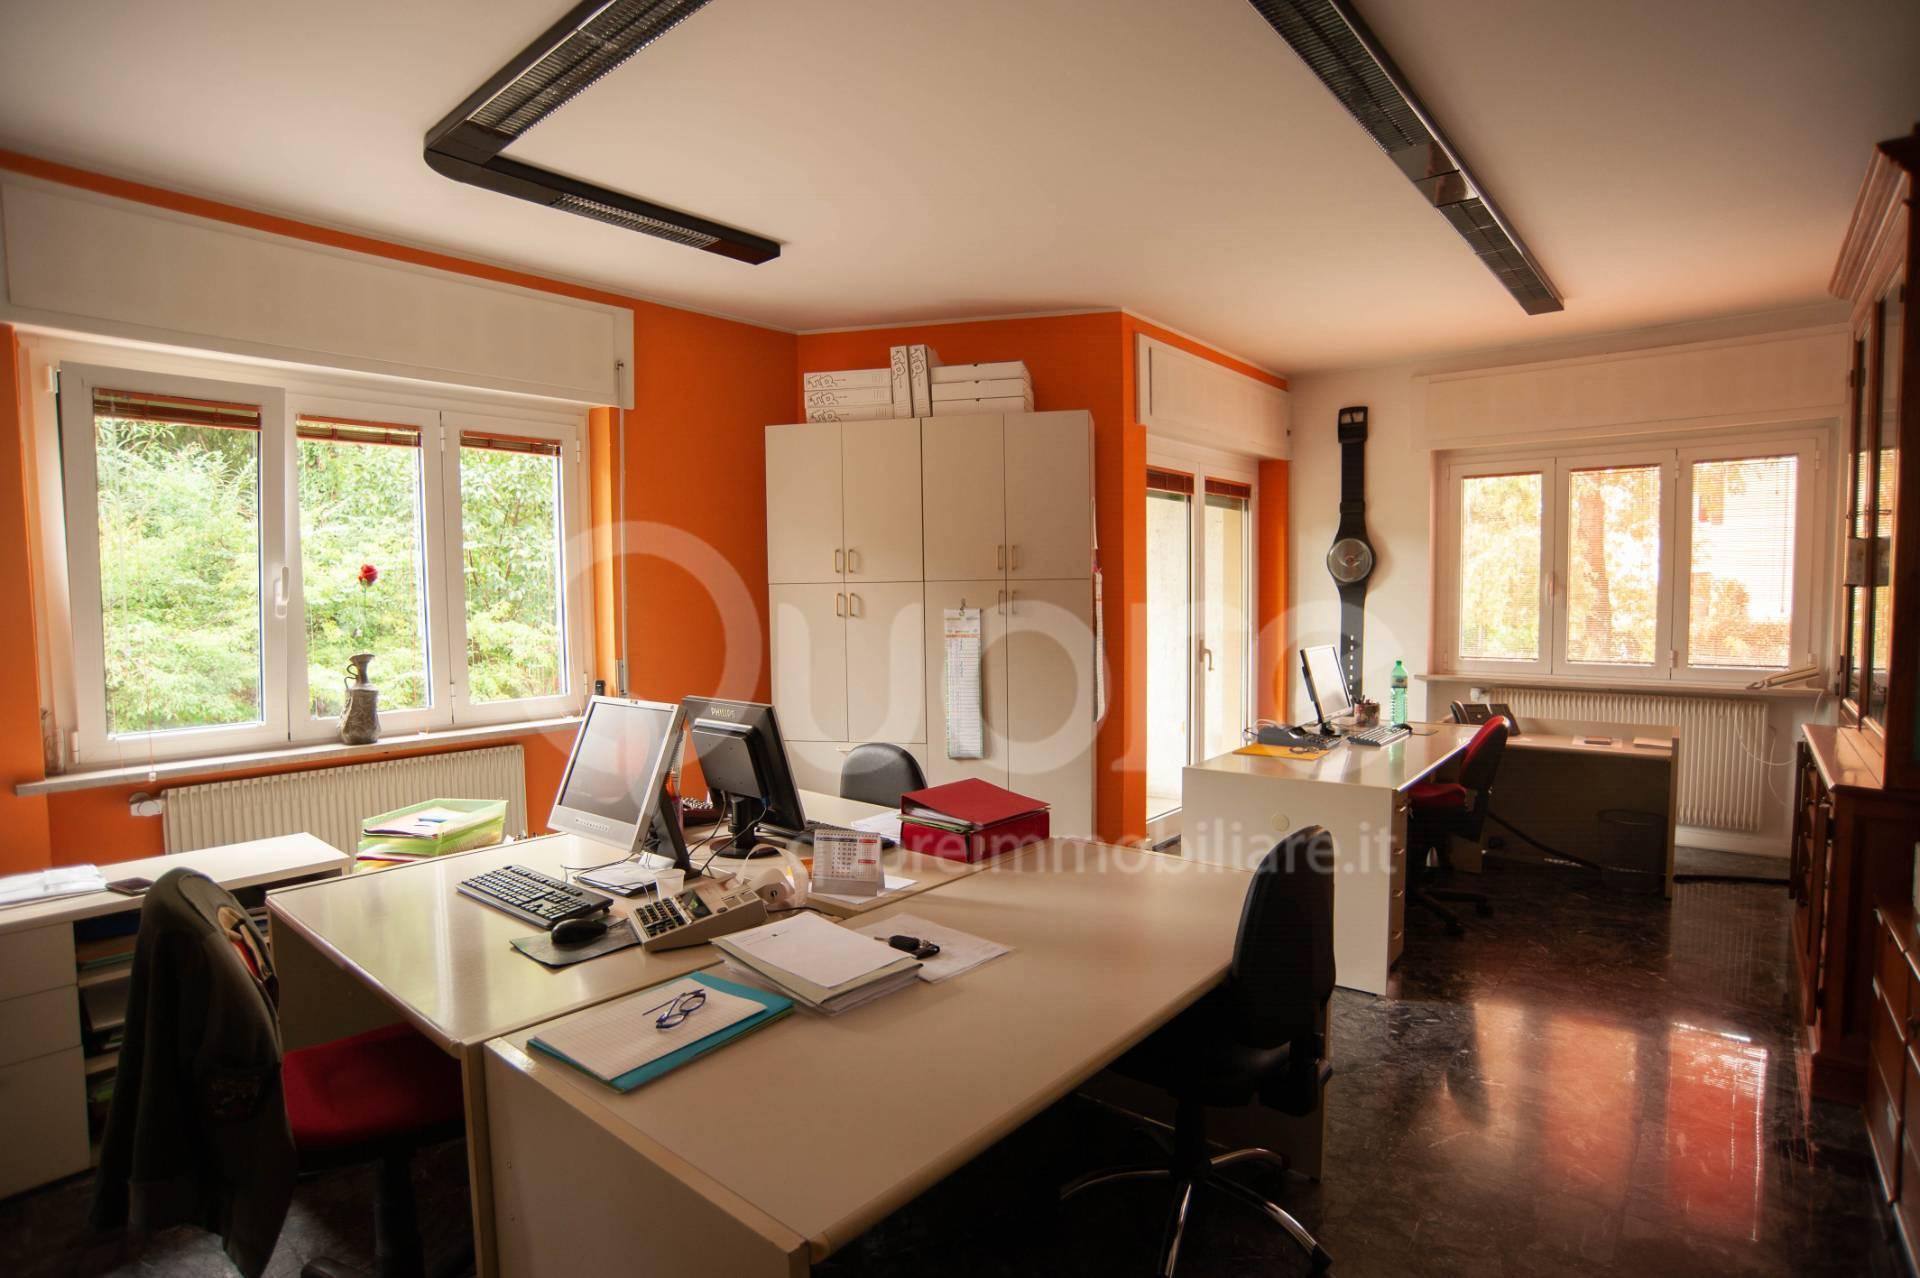 Ufficio / Studio in vendita a Udine, 9999 locali, prezzo € 220.000   CambioCasa.it